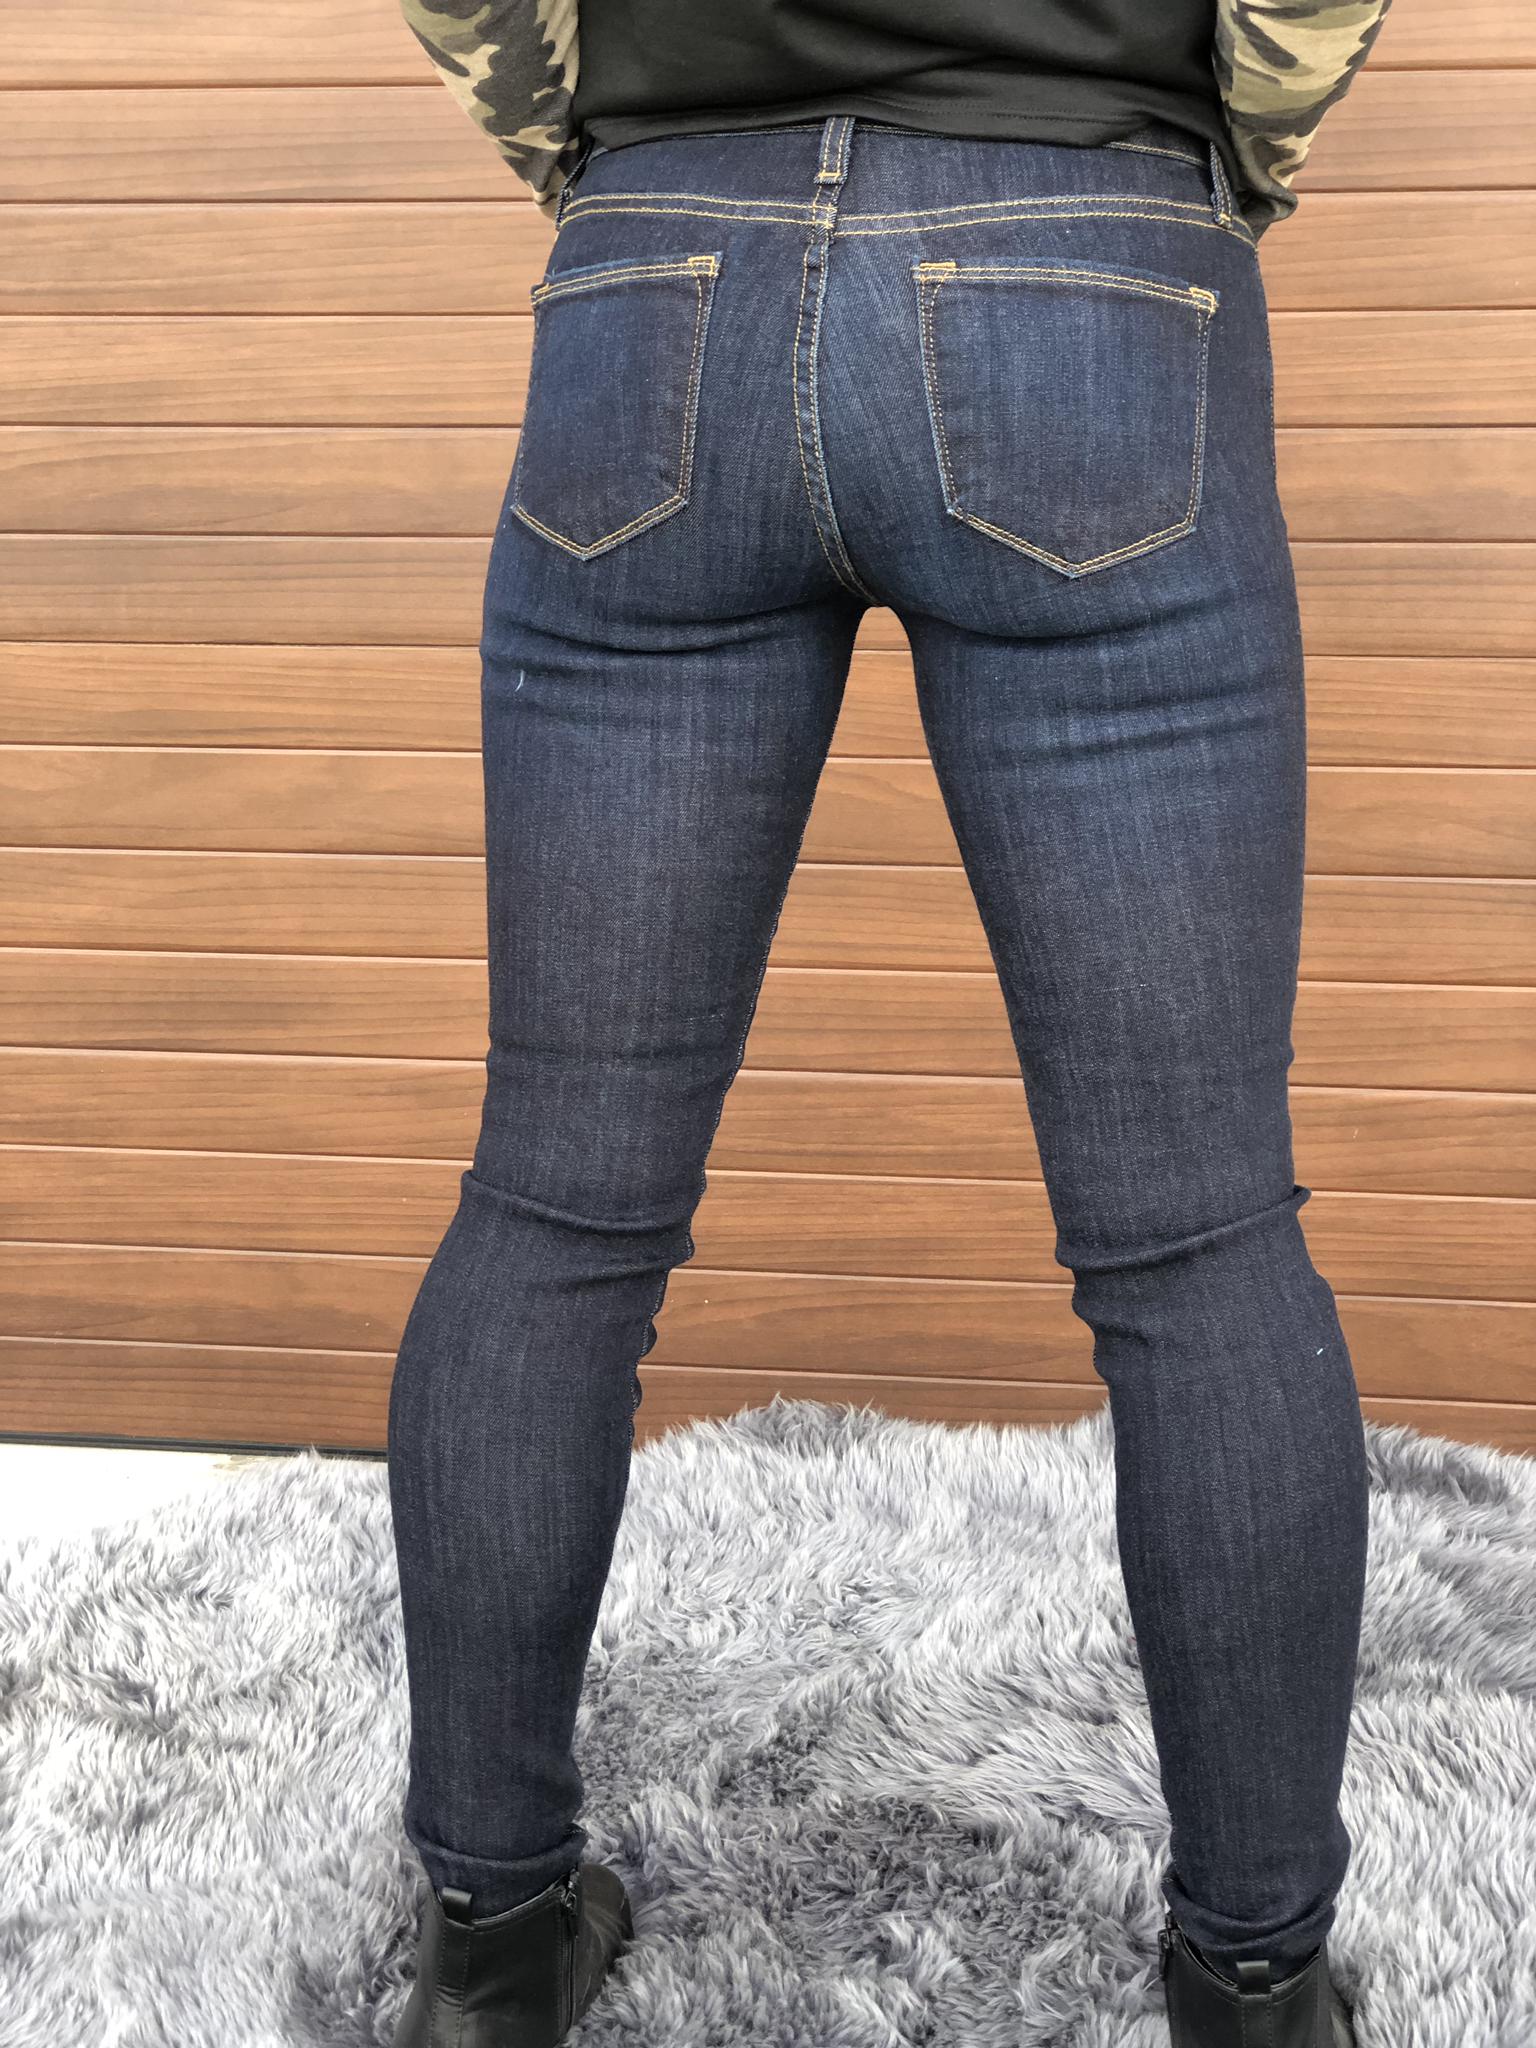 Judy Blue Classic Mid Rise Dark Skinny Jean - Restocked